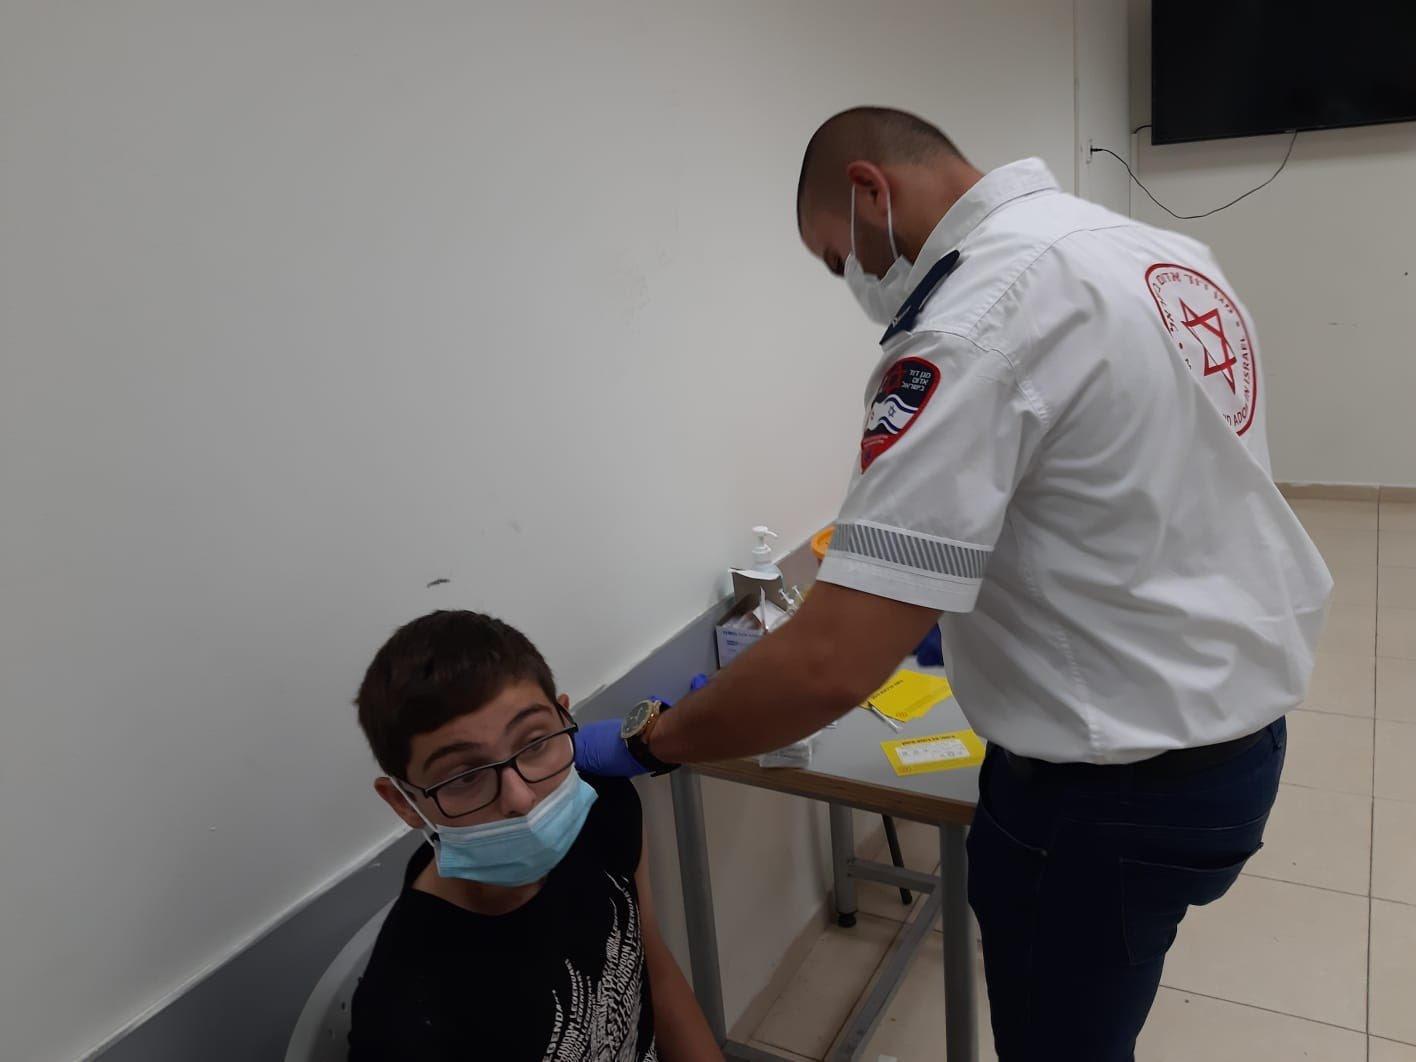 ام الفحم: حملة تشجع المواطنين على التطعيم وخاصة جيل الشبيبة من الـ 12- 16-2